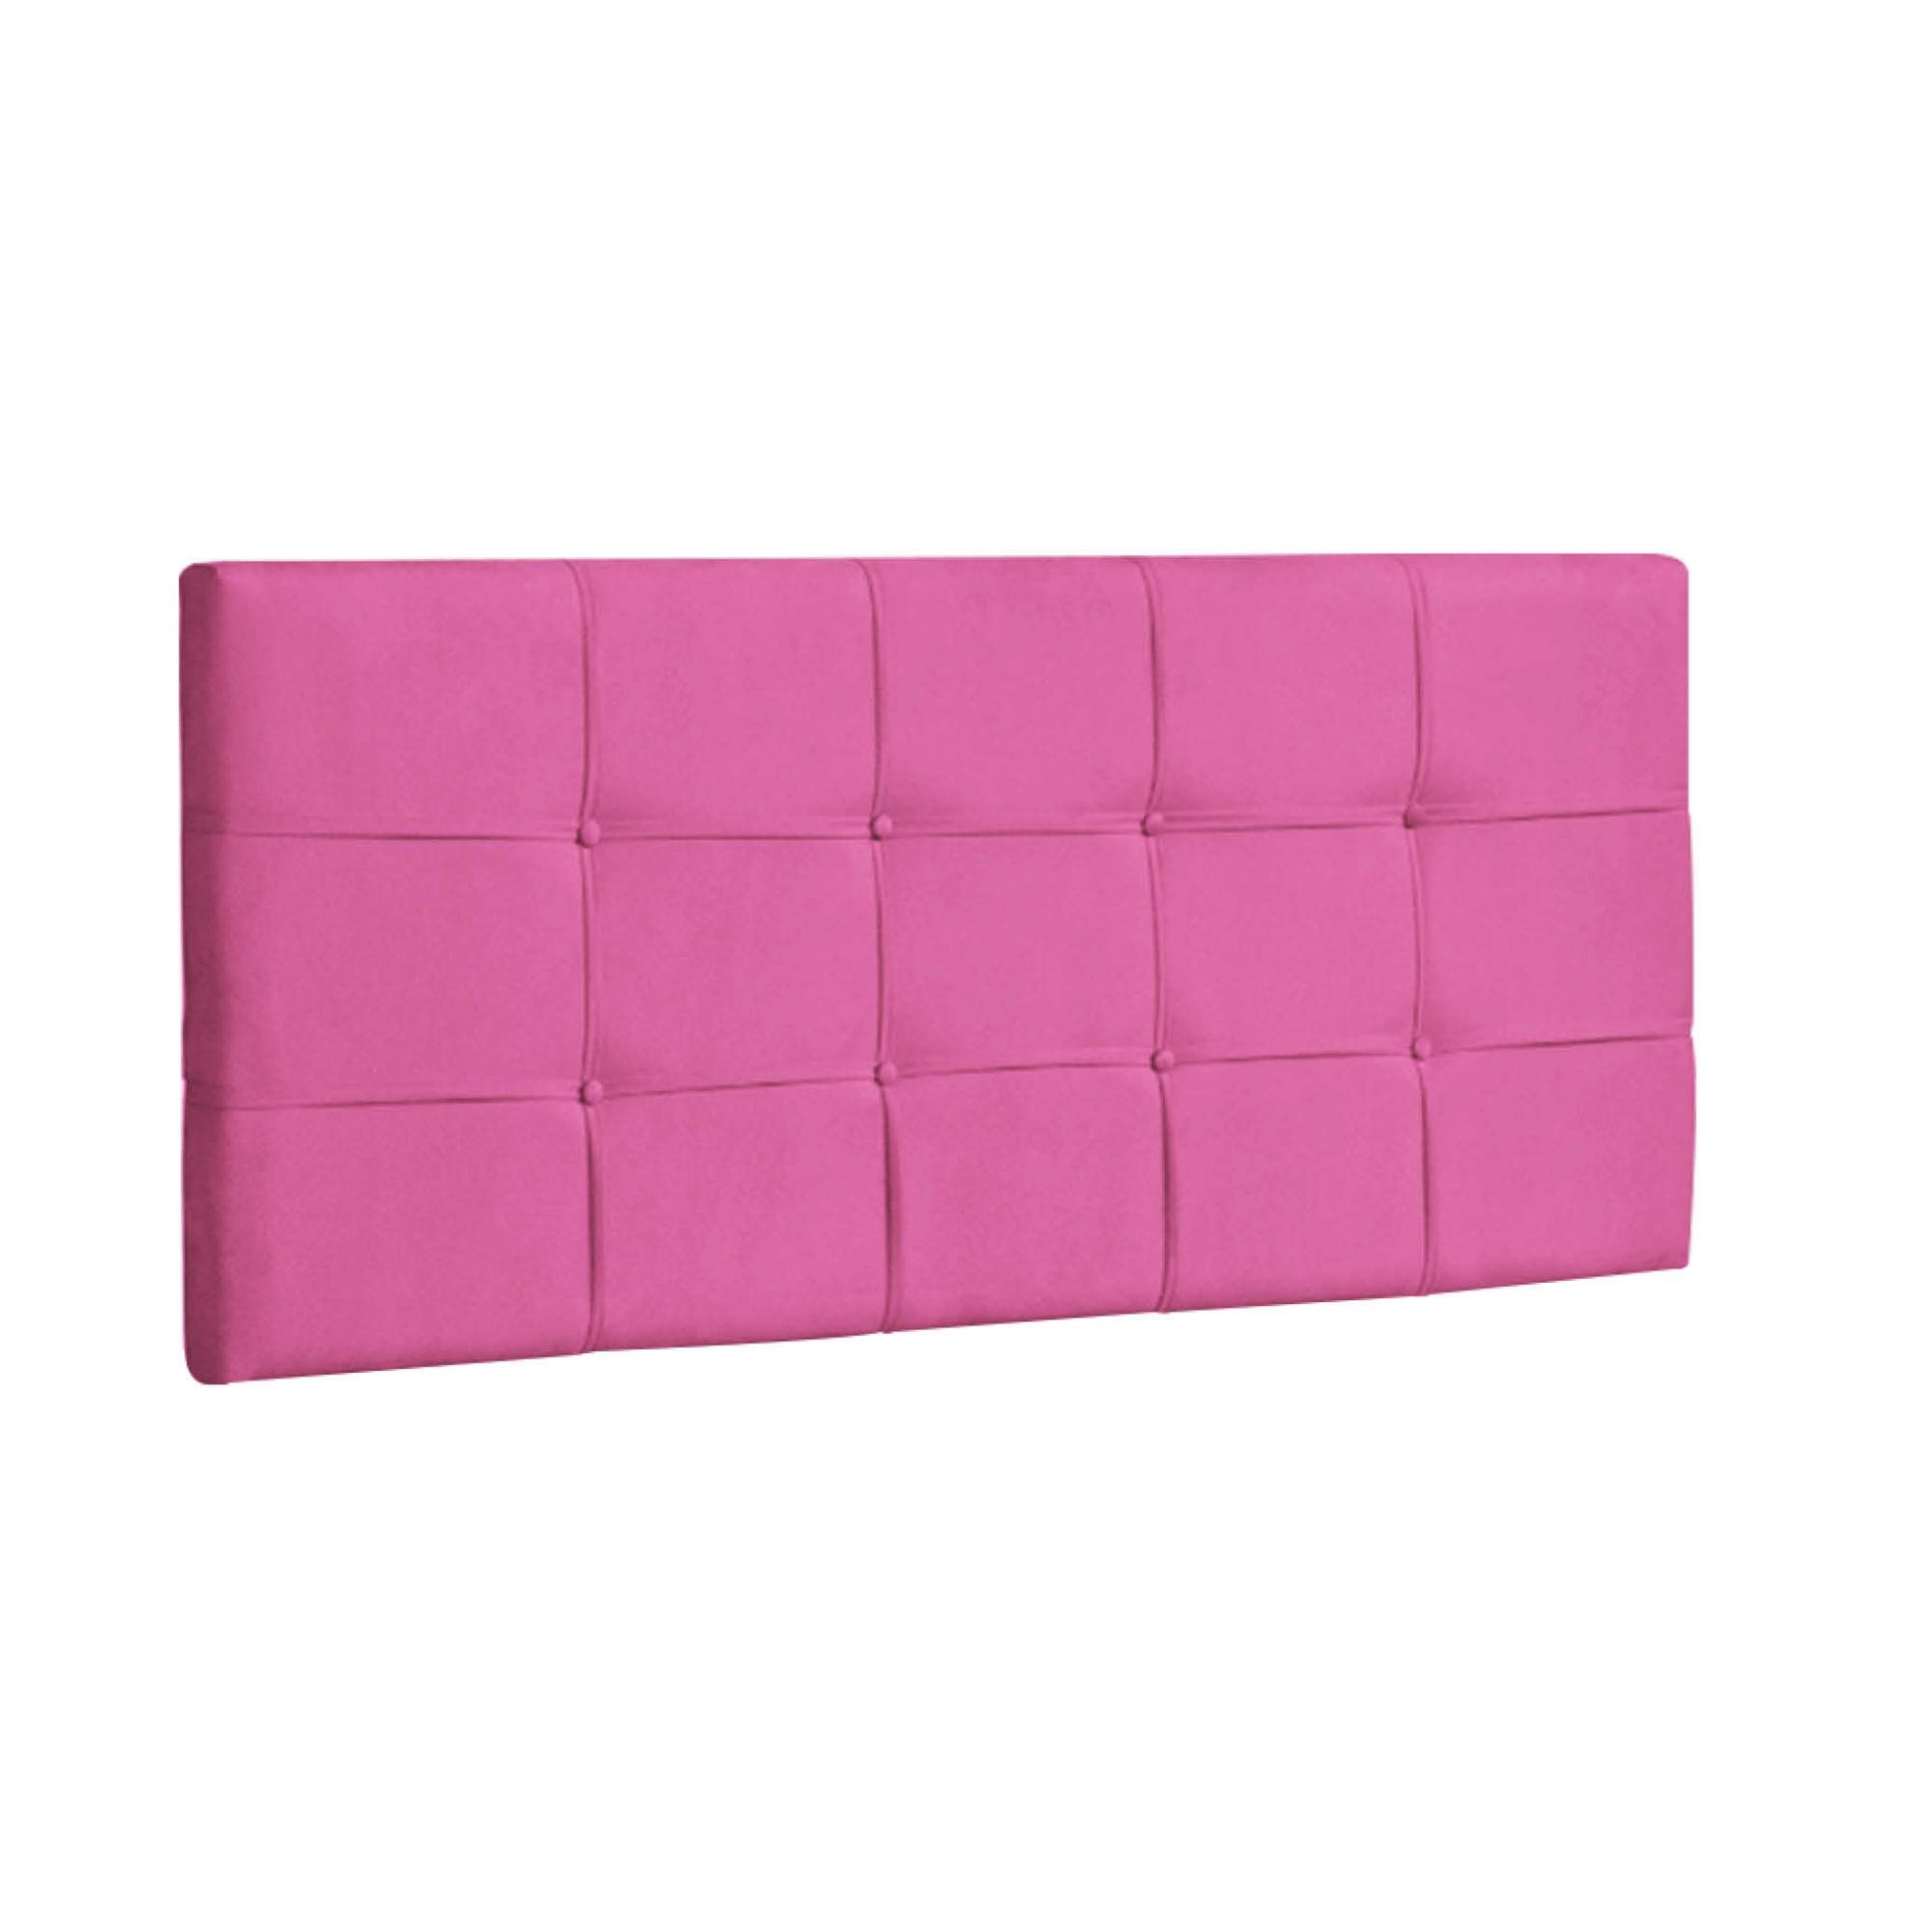 Cabeceira Ana Luísa Estofada Solteiro 90cm Tecido Sintético Pink Com Strass Bela Casa Shop